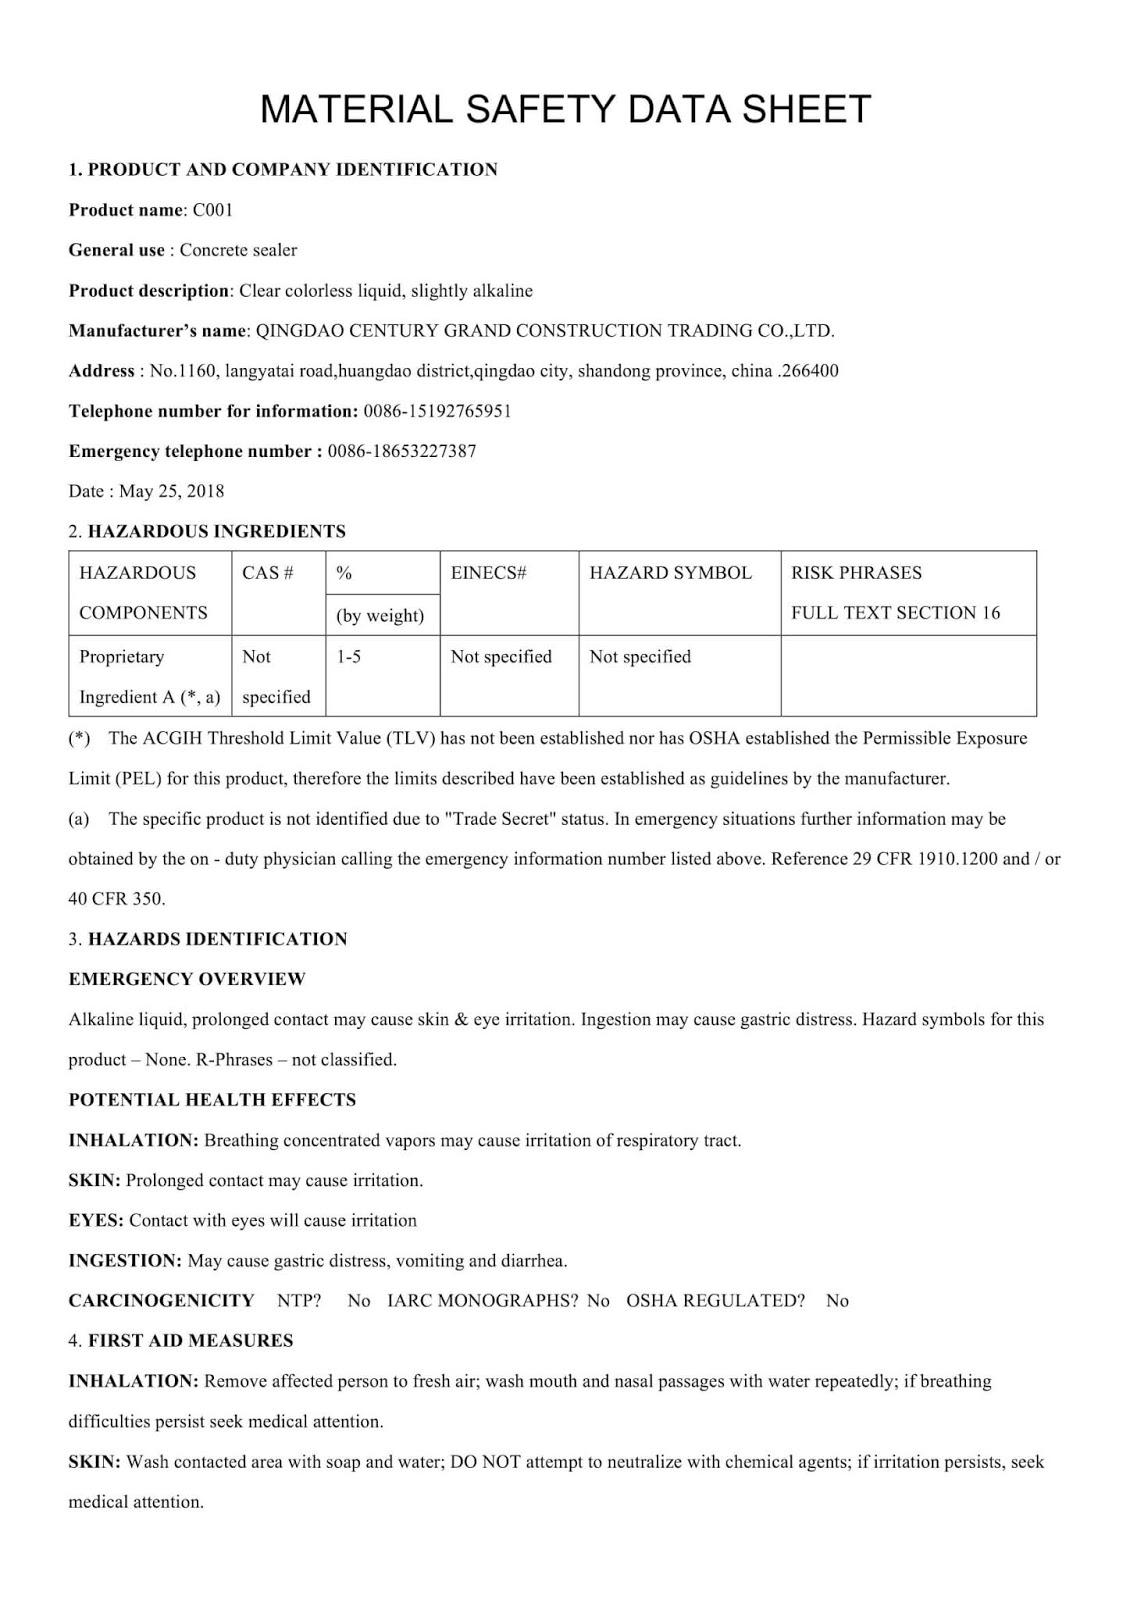 MSDS hoá chất tăng cứng bê tông DG C001 - Trang 1